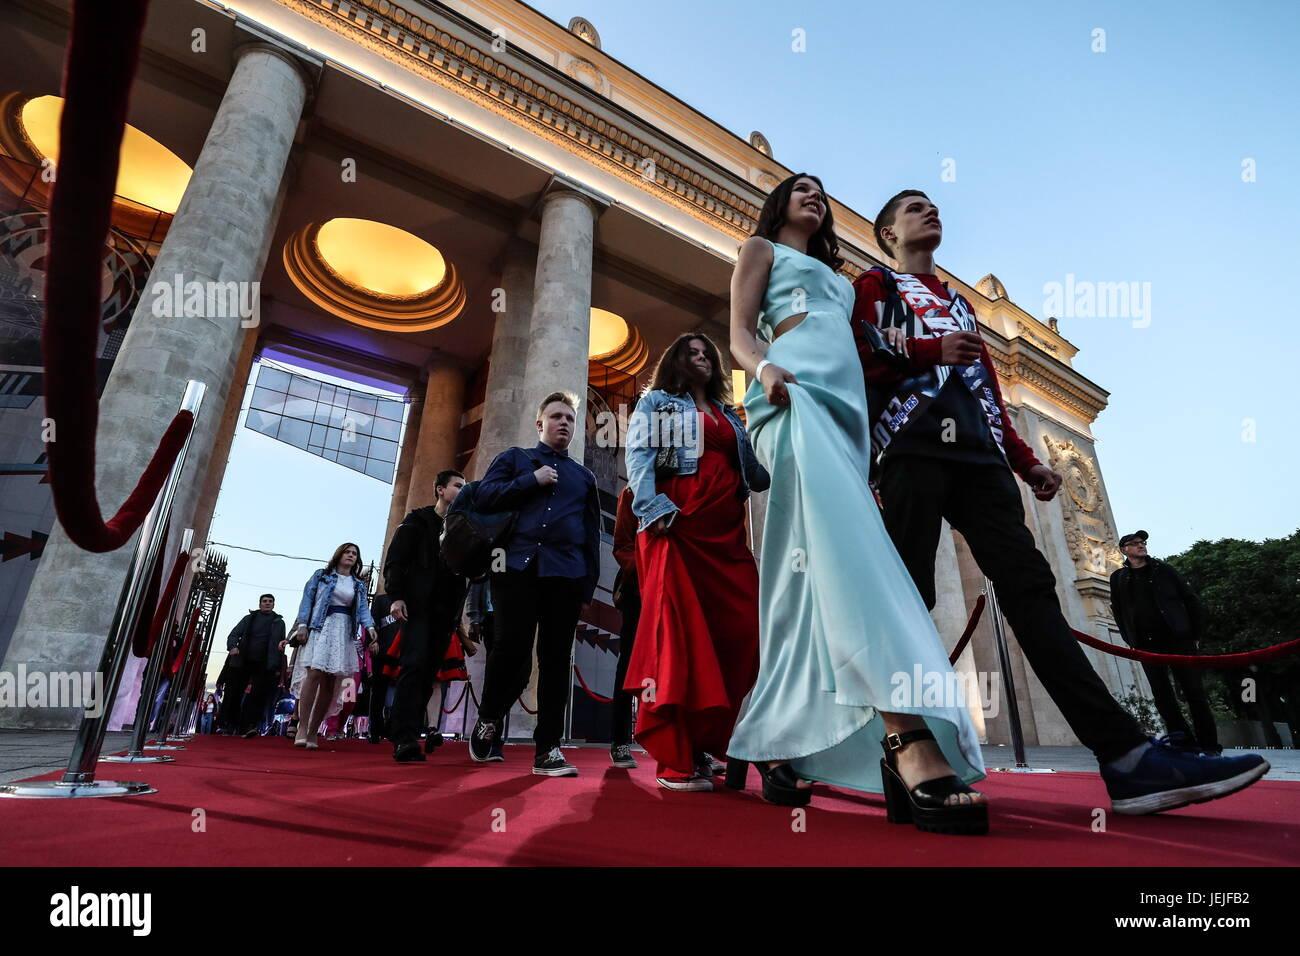 Moscú, Rusia. El 23 de junio, 2017. Los egresados de la escuela caminando hacia el Parque Gorky de Moscú Imagen De Stock